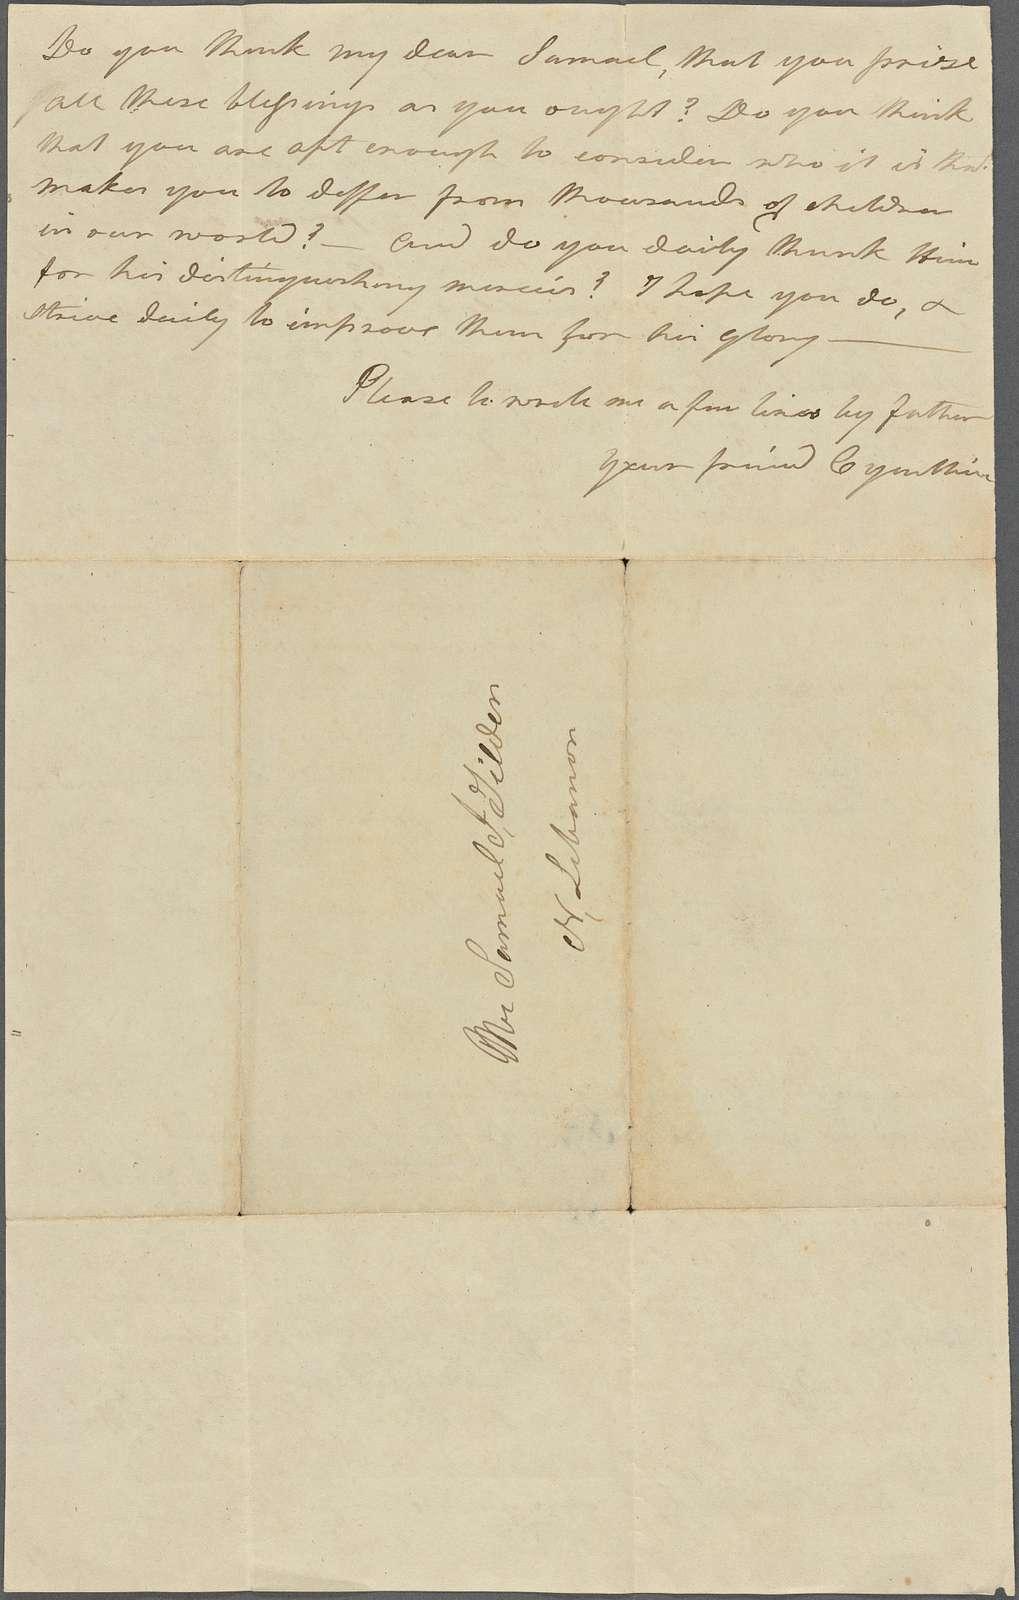 Doubleday, Cynthia, 1828, 1847